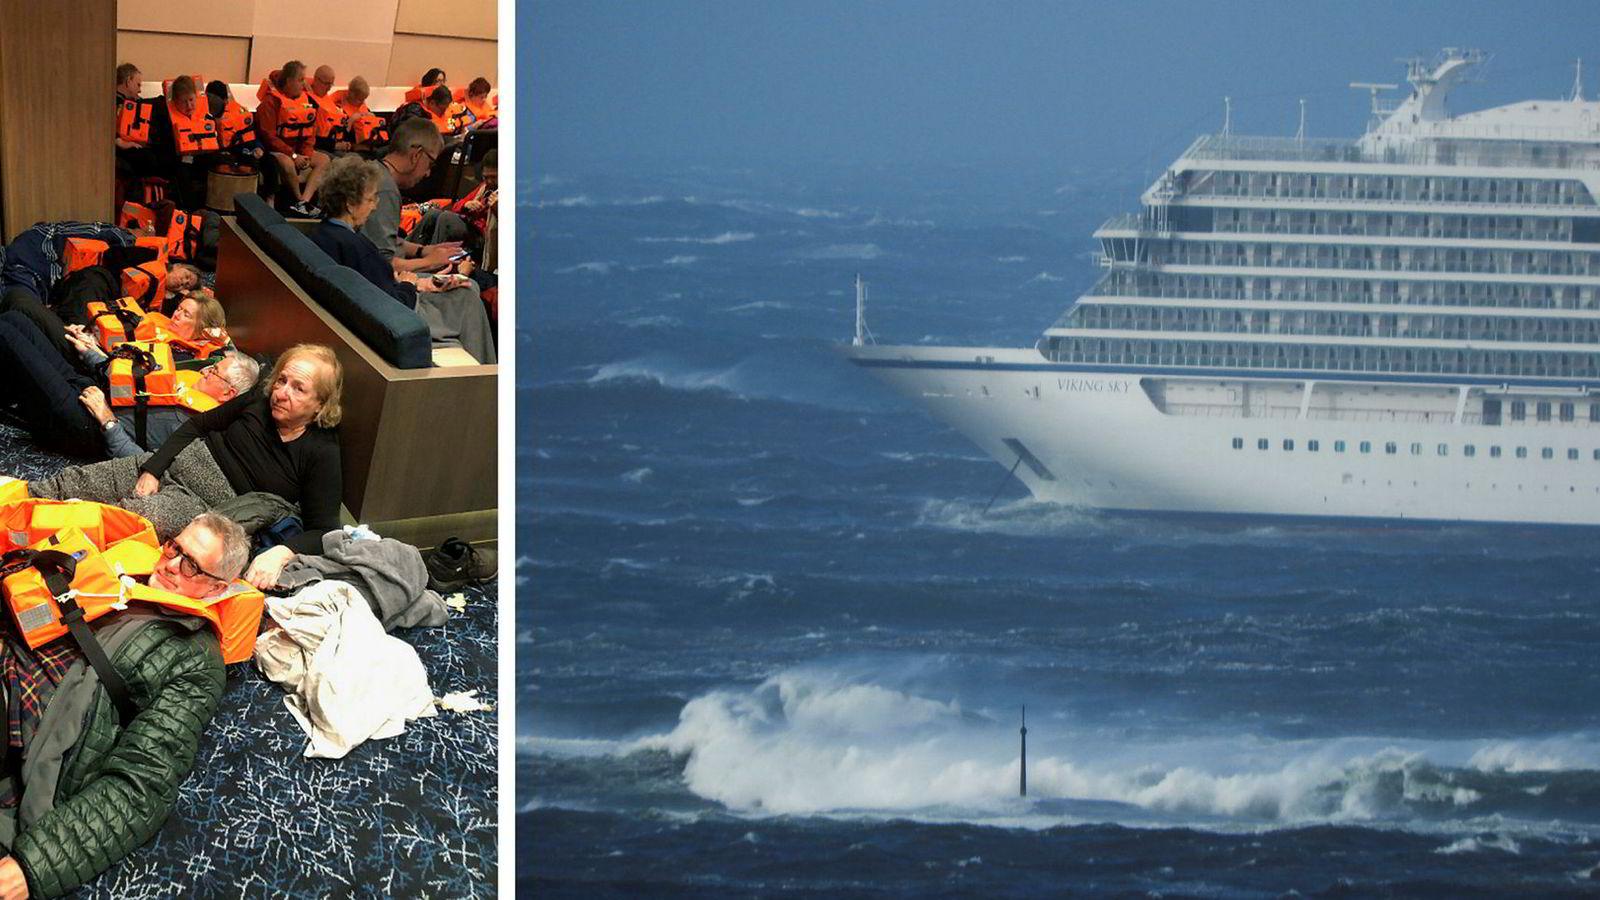 Det blåser fortsatt kraftig i området, men den verste faren er nå over for cruiseskipet Viking Sky utenfor kysten av Nordvestlandet. På det nærmeste var skipet omtrent 100 meter fra fjæresteinene i Hustadvika. Flere av passasjerene ble evakuert til Brynhallen.